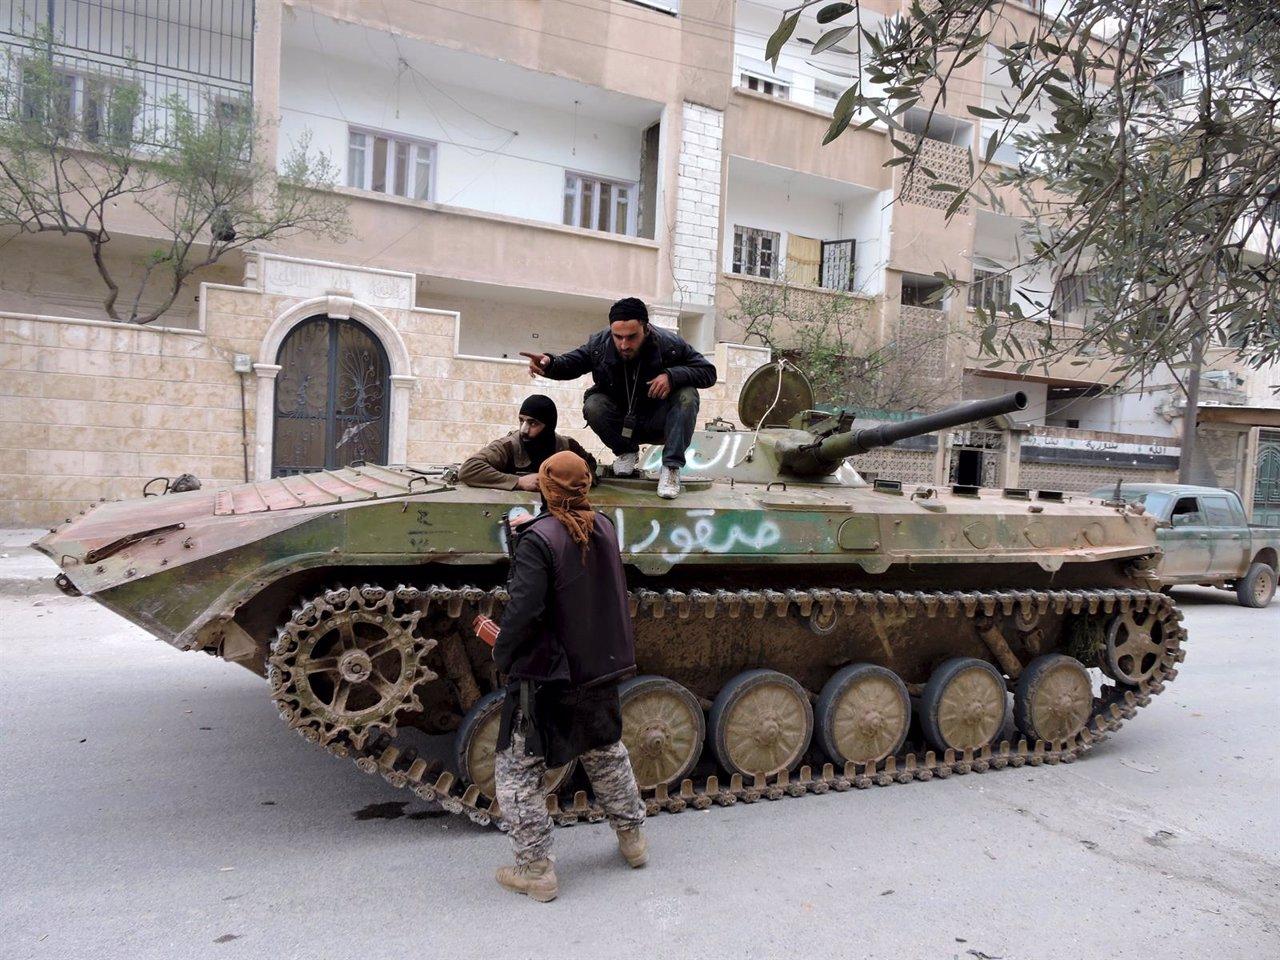 Milicianos rebeldes en un tanque en Idlib.